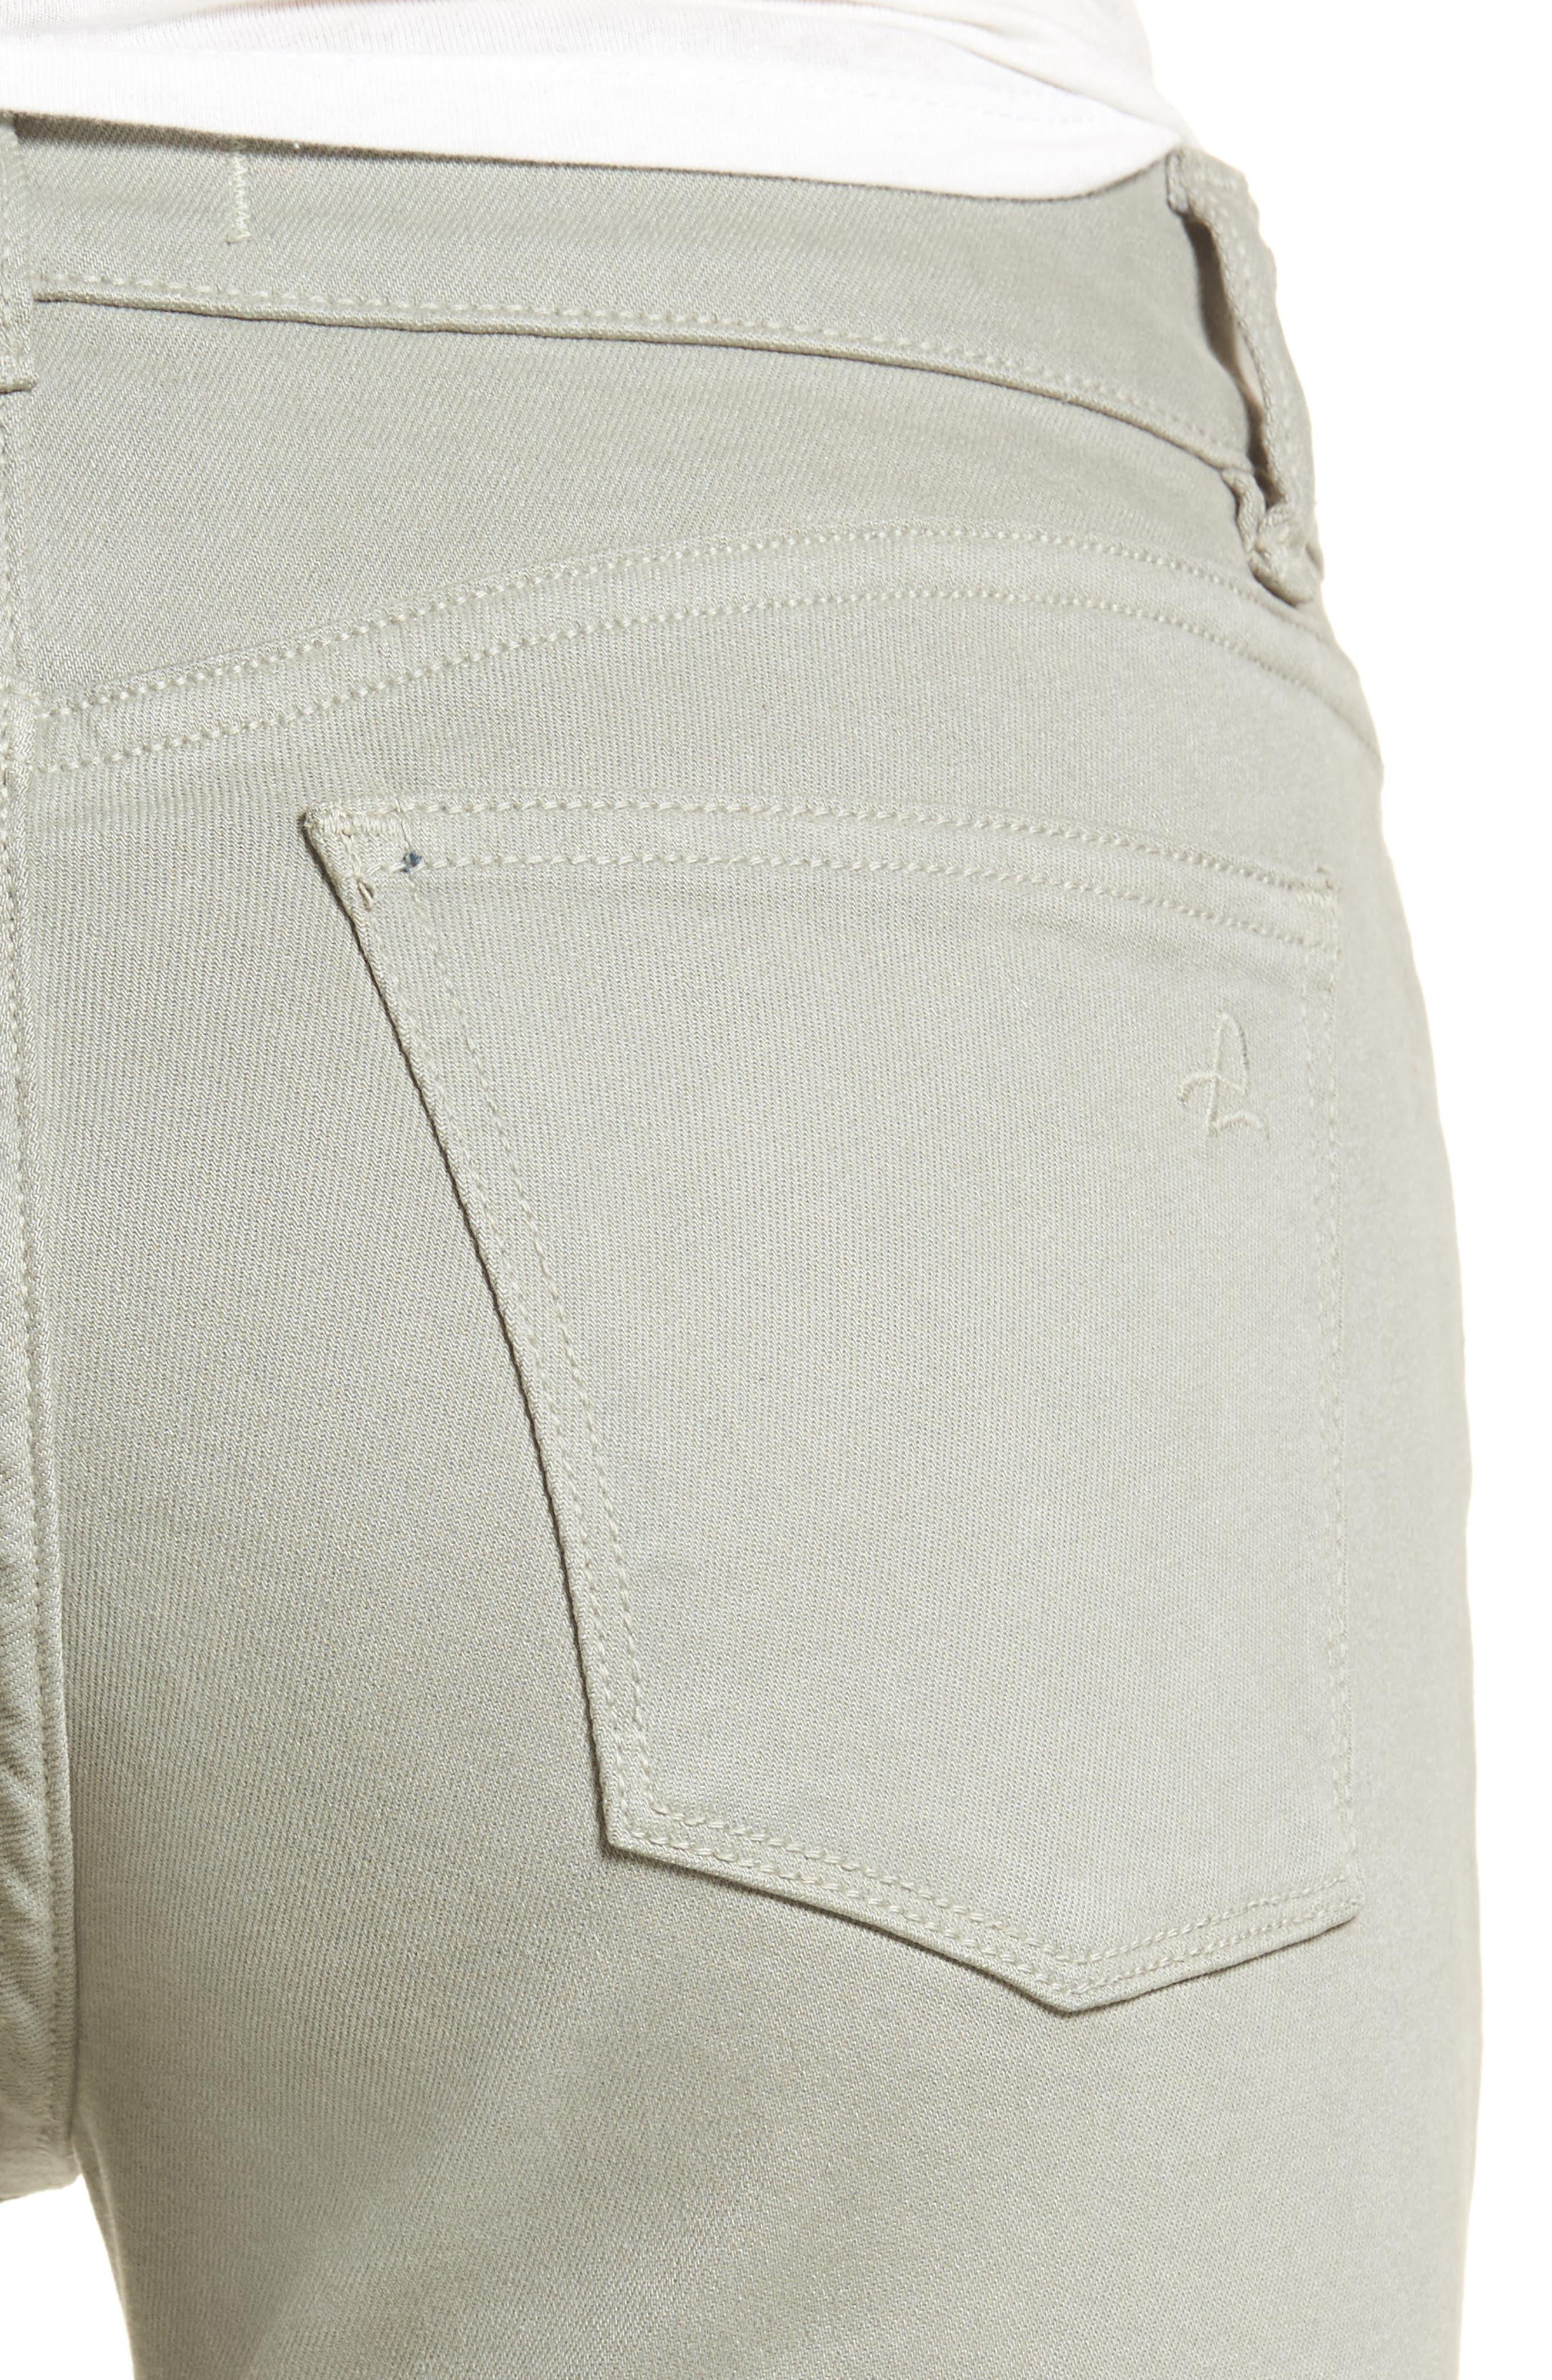 Alternate Image 4  - DL1961 Florence Instasculpt Crop Skinny Jeans (Grove)